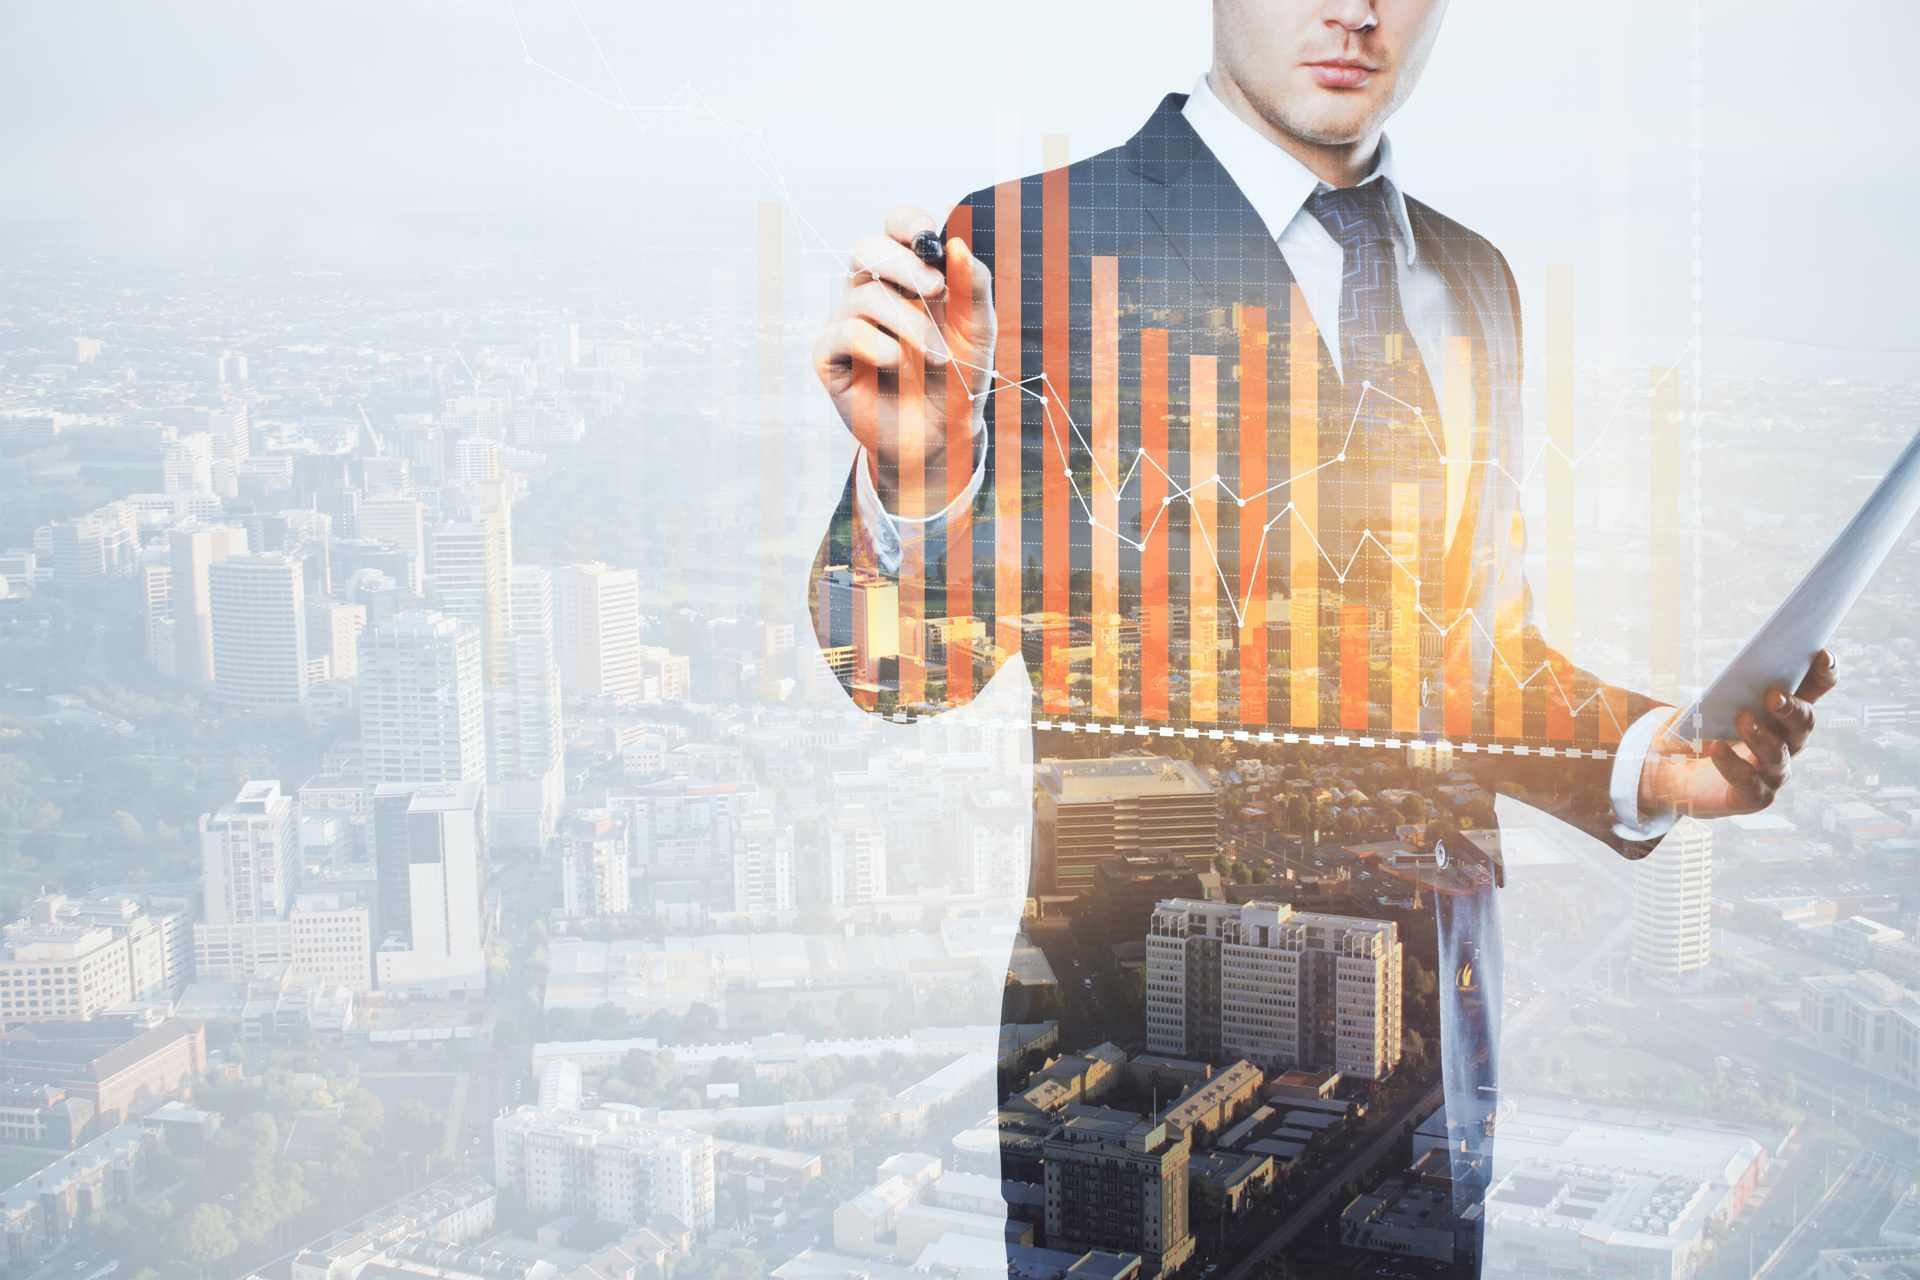 Digitale Transformation - Mensch, Technologie und Wirtschaft